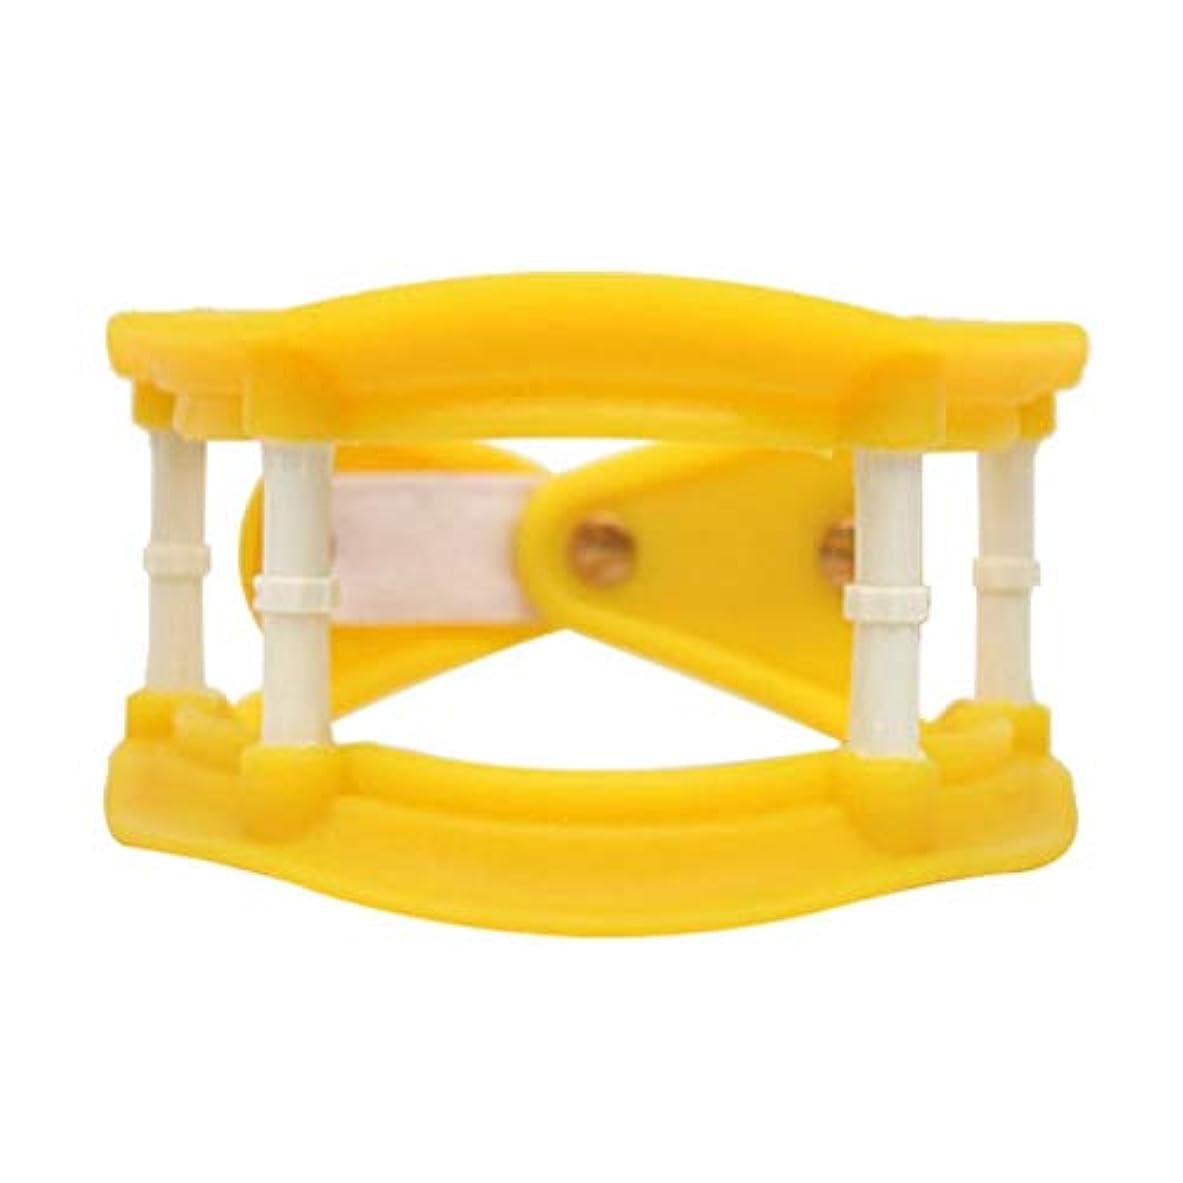 忙しい実際にによってHealifty 首の牽引通気性の首サポートブレース調整可能な首のつばの首の痛みを軽減します傷害回復(黄色)